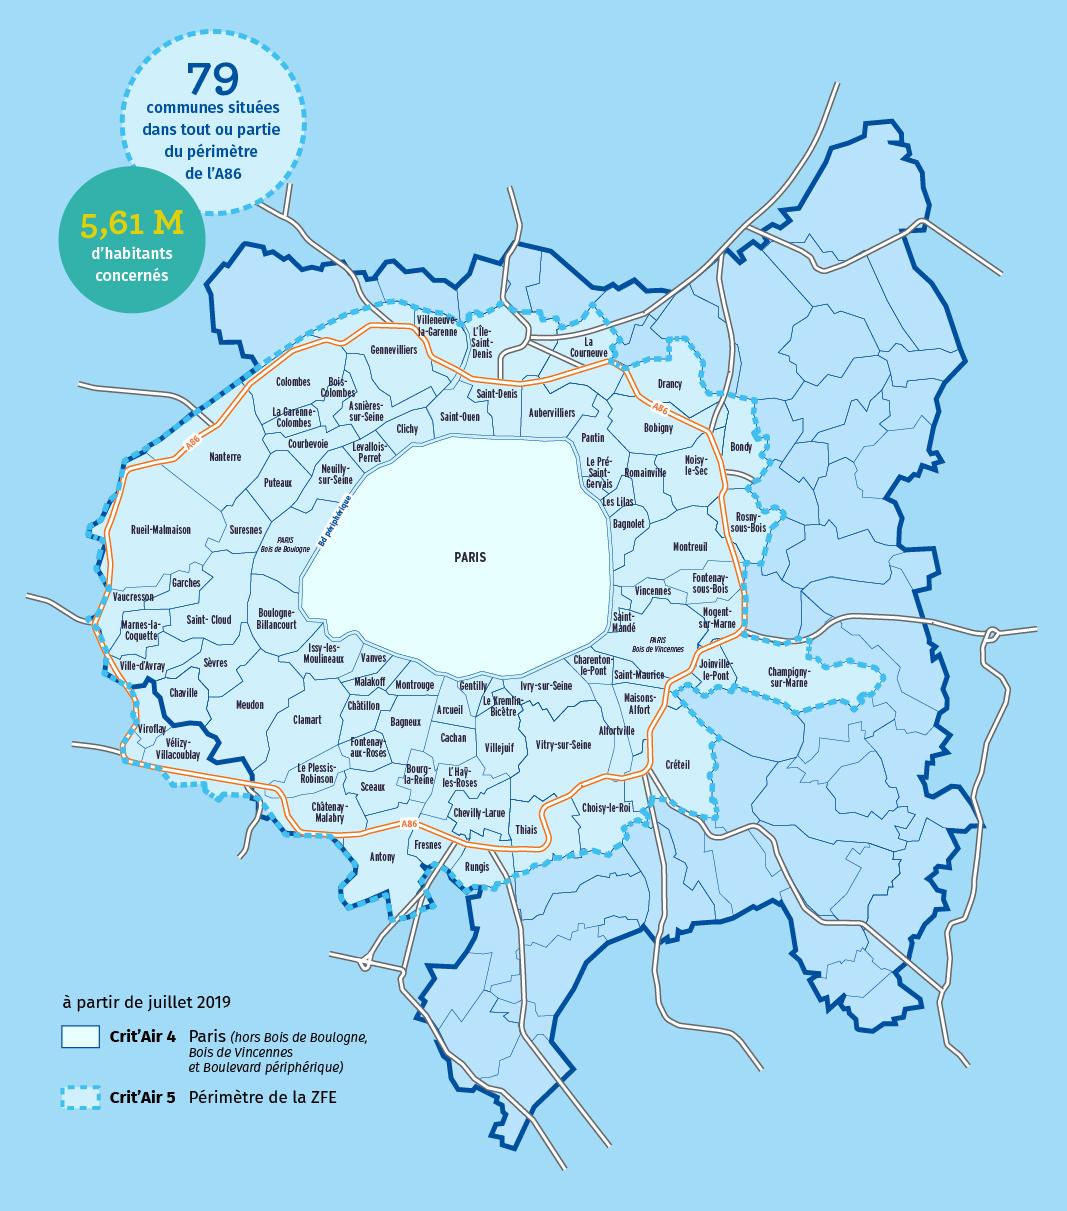 Le périmètre de la ZFE métropolitaine, étape de juillet 2019